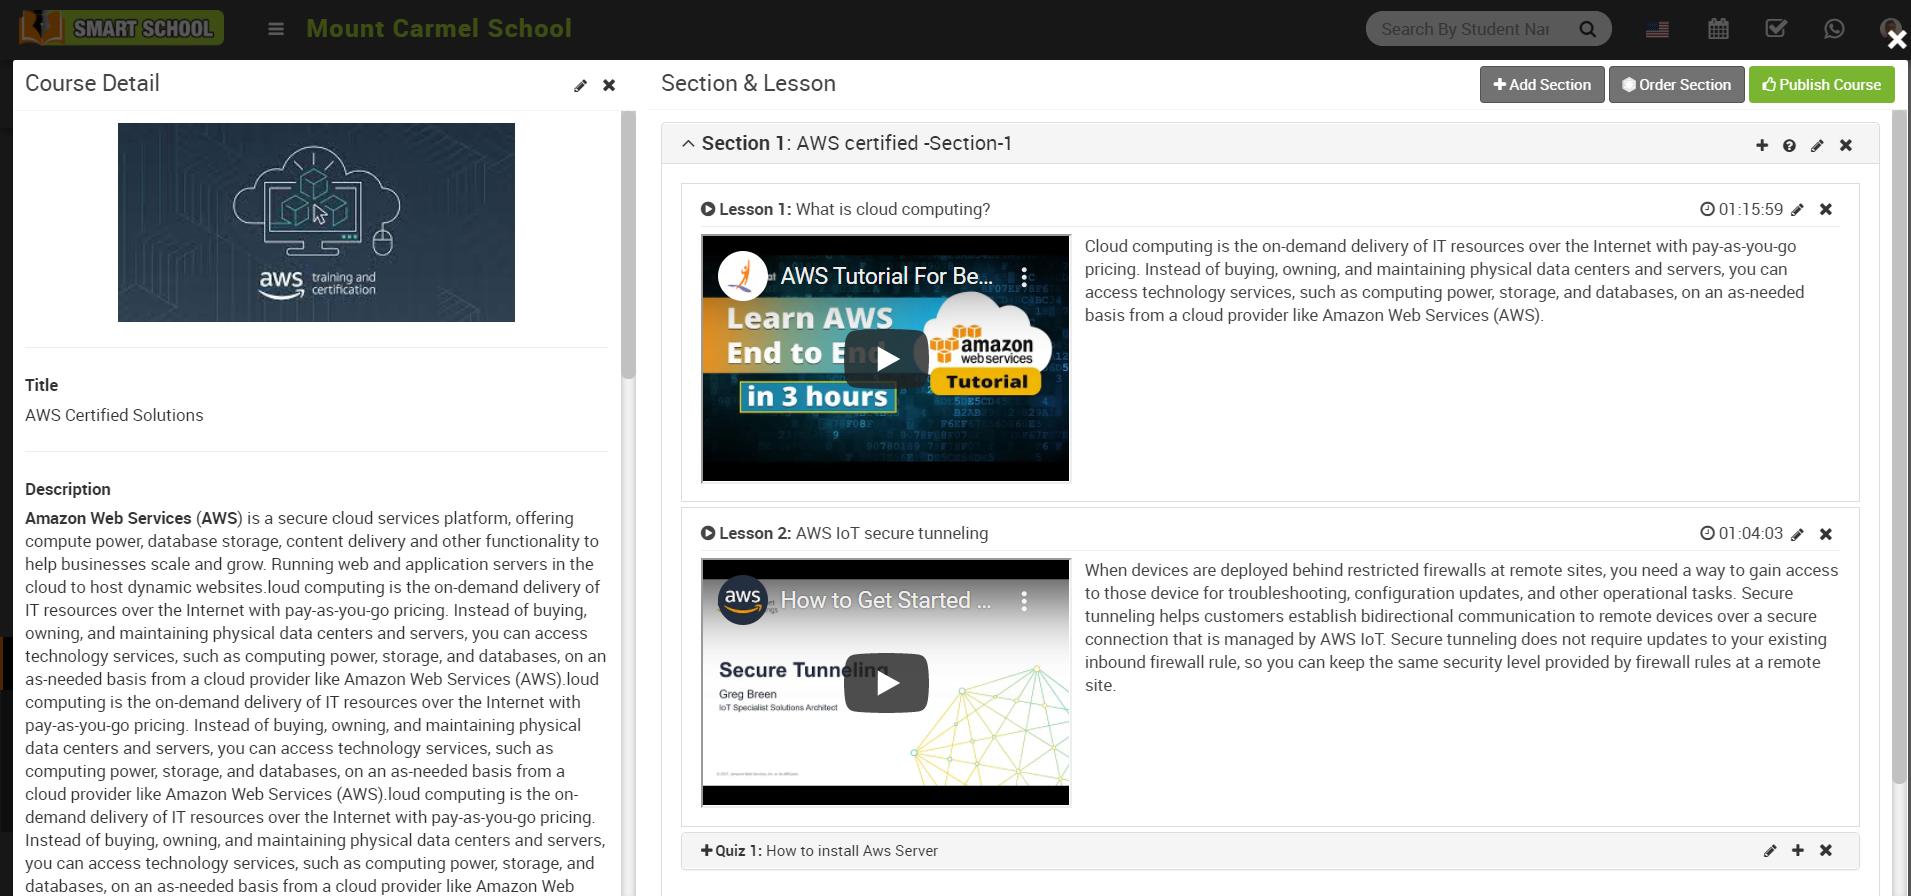 publish course image